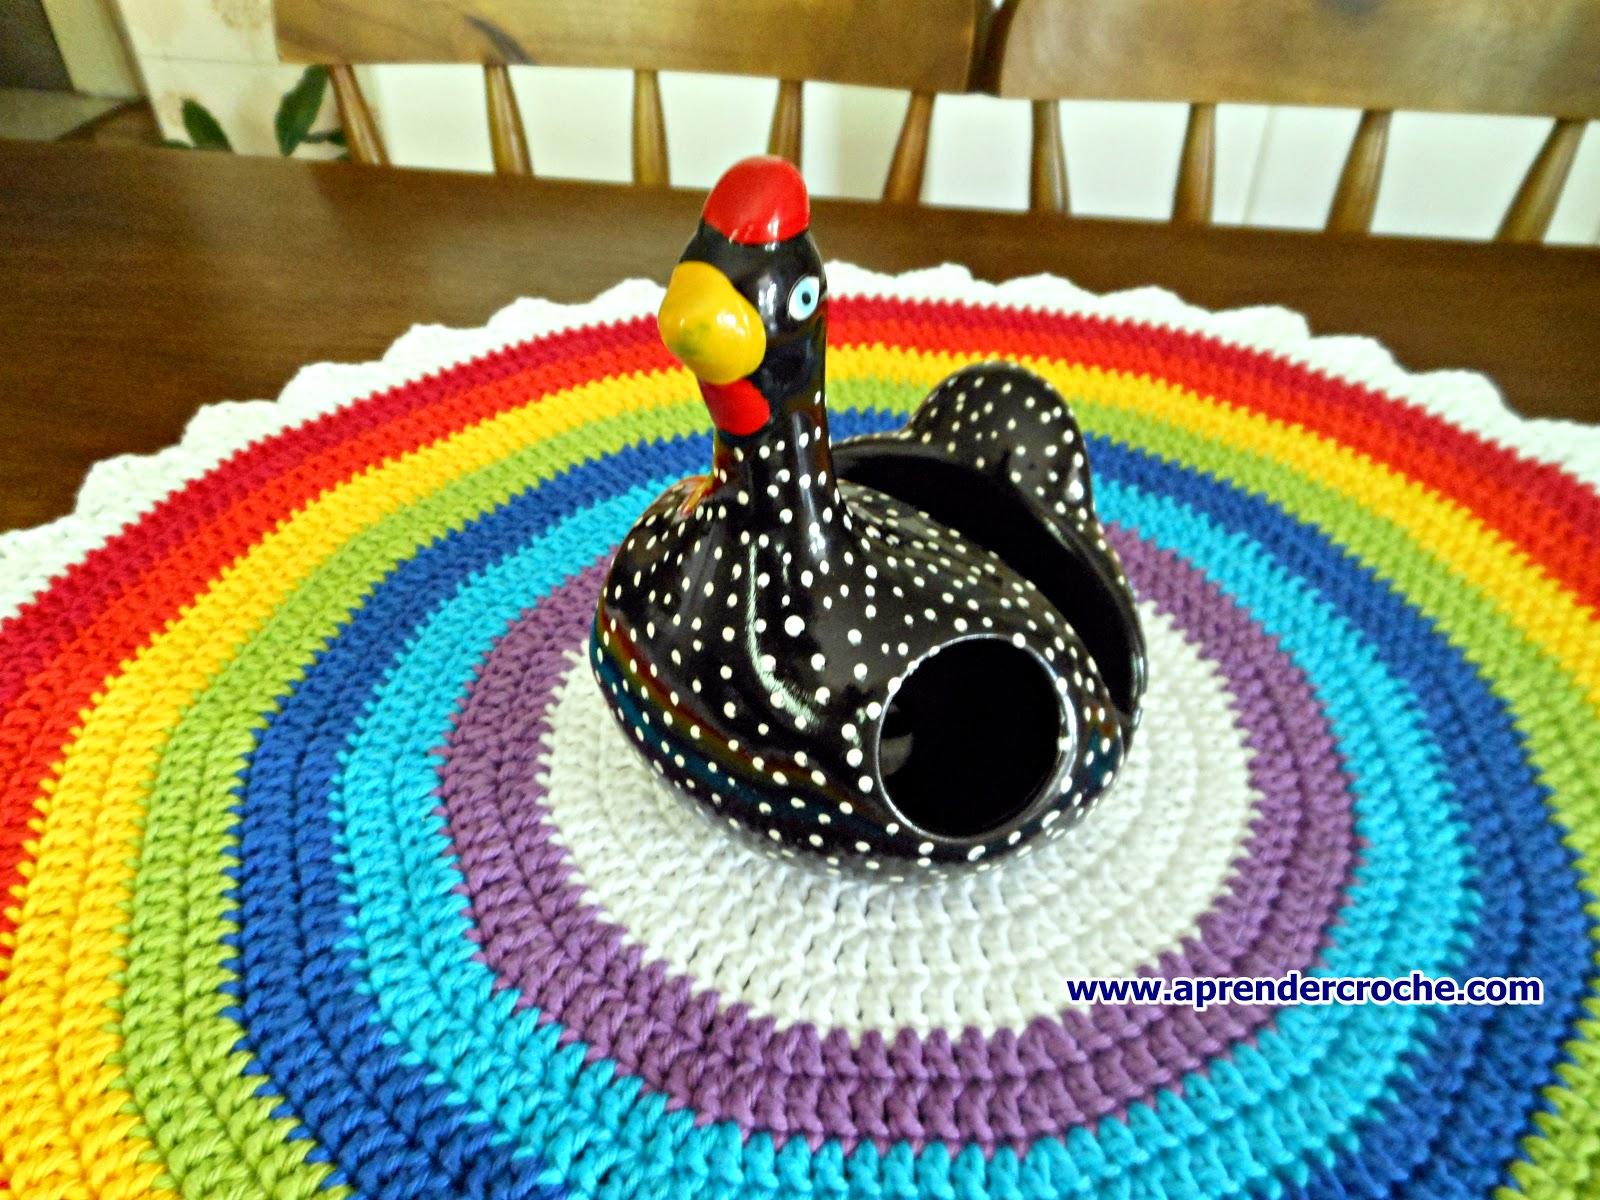 aprender croche com toalhas e caminhos de mesa dvd loja curso de croche frete gratis